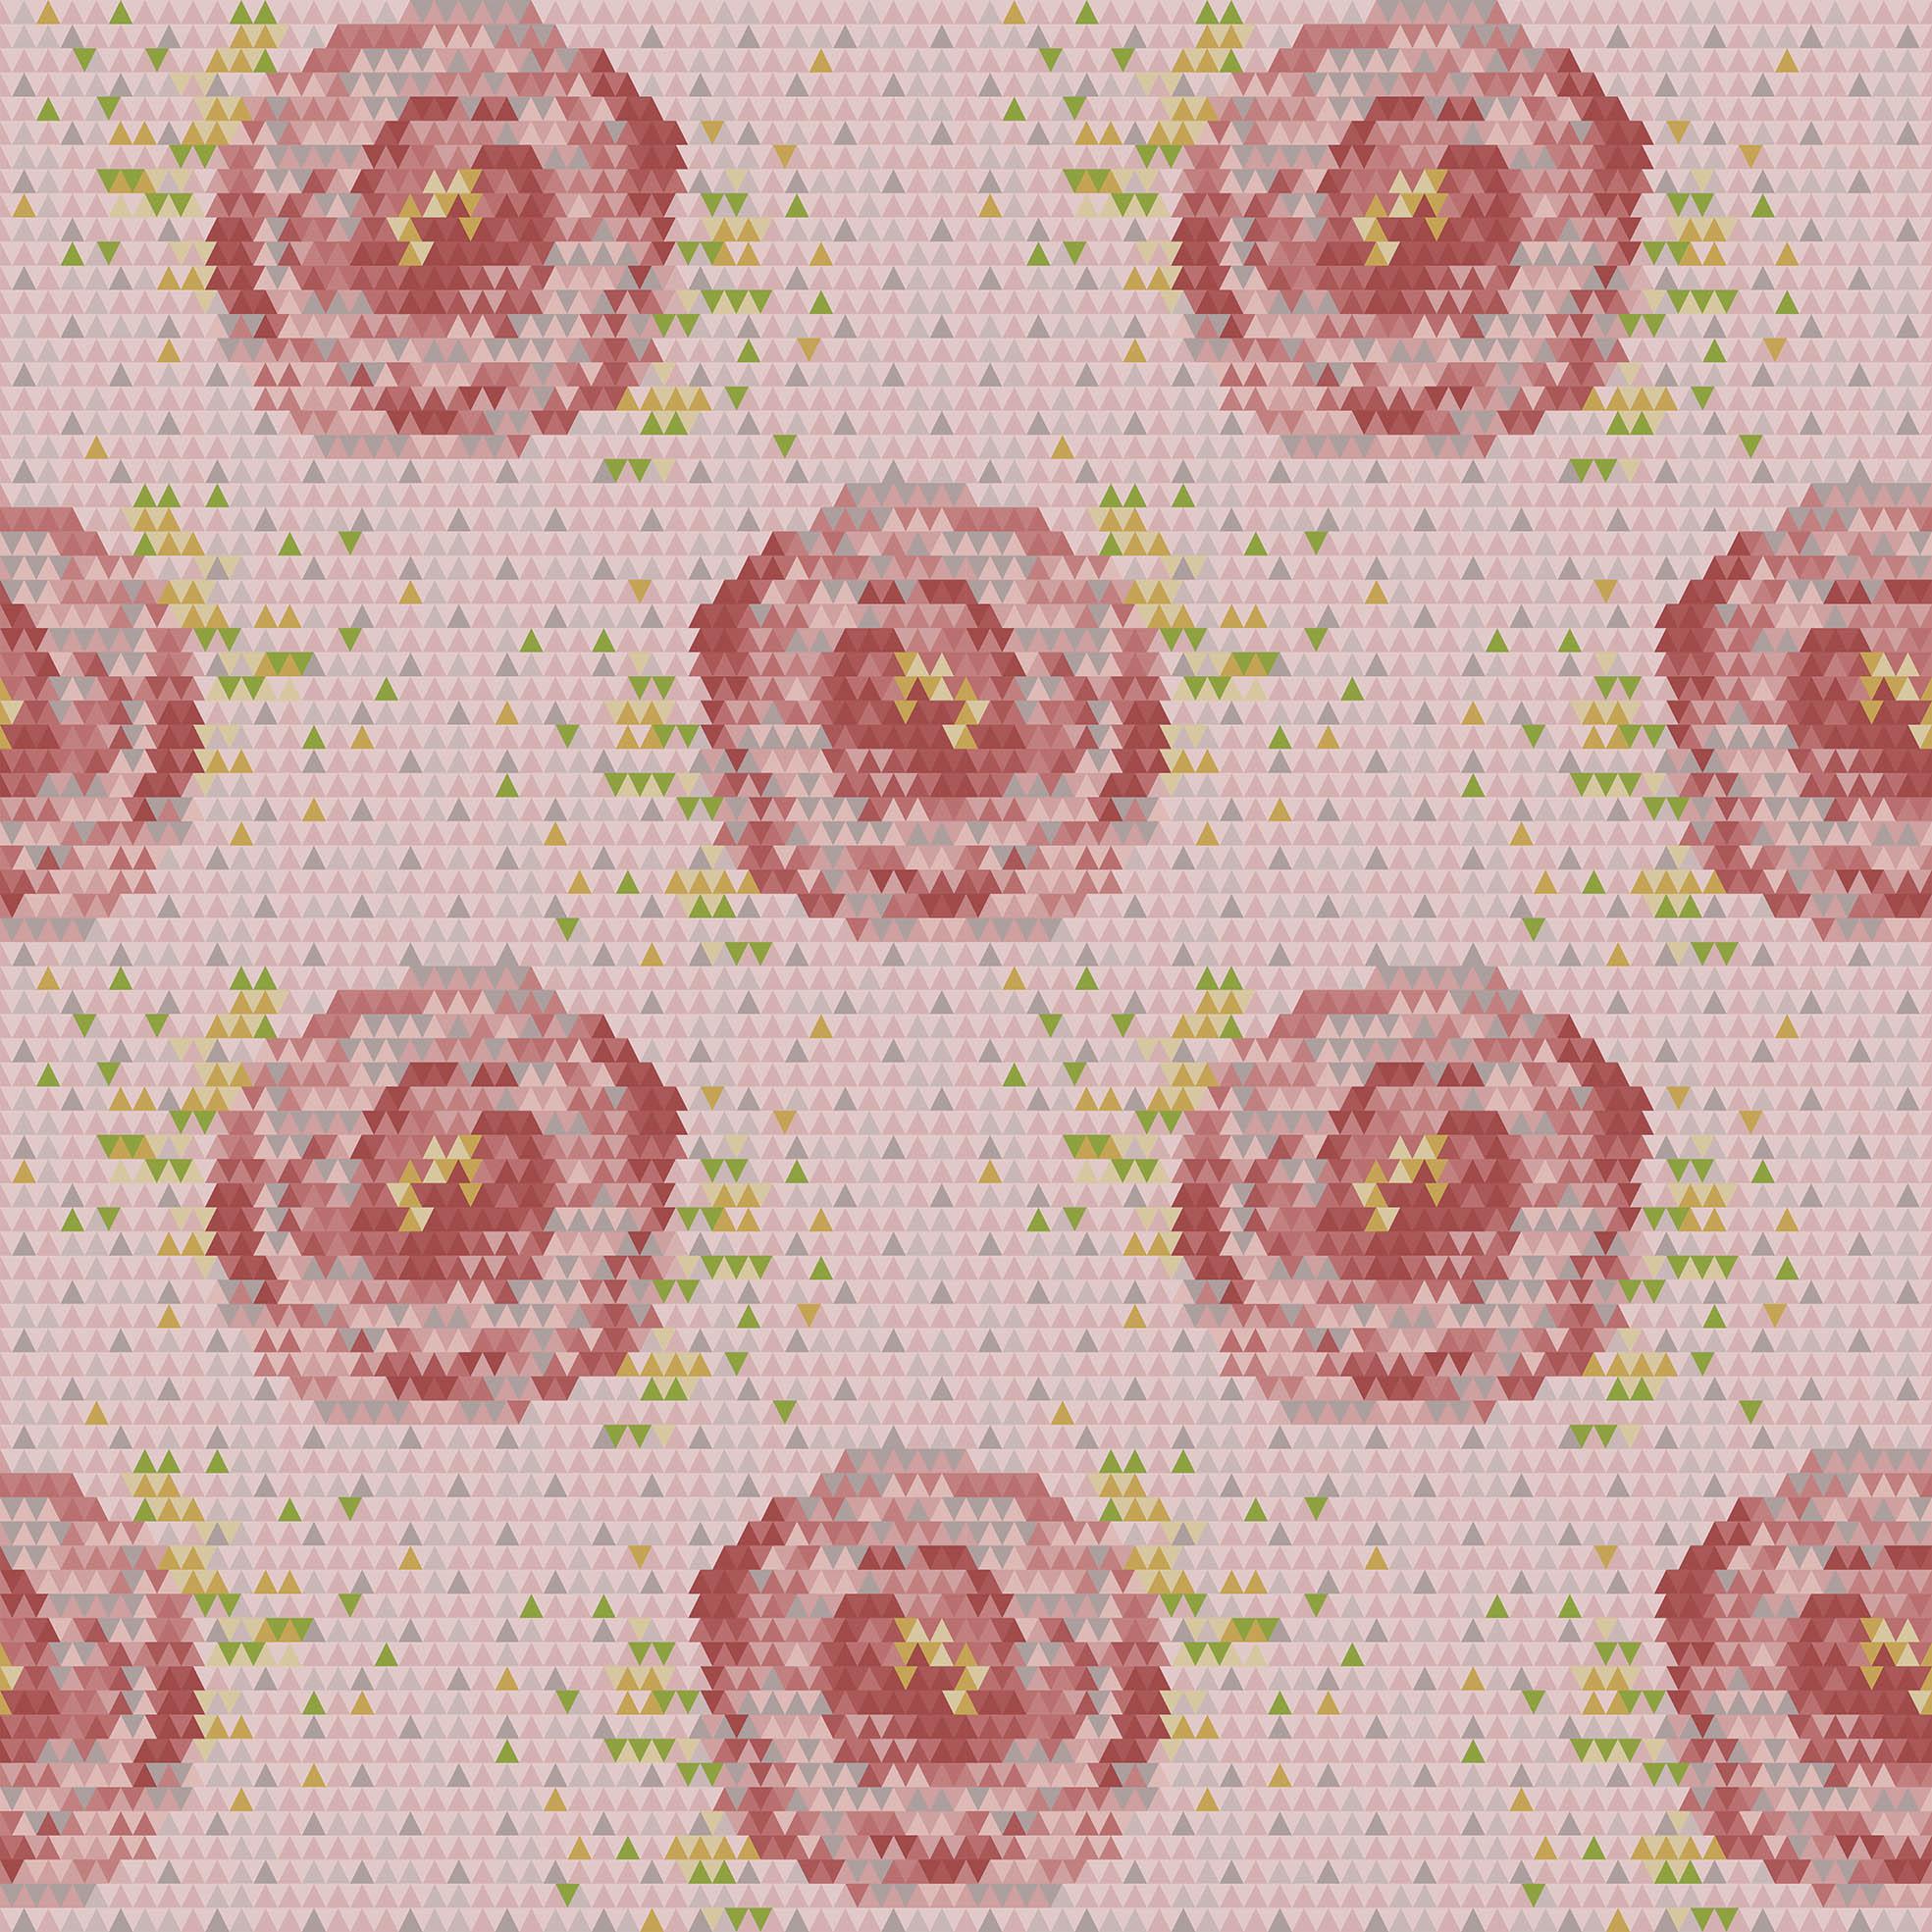 10-Pixel Print 40